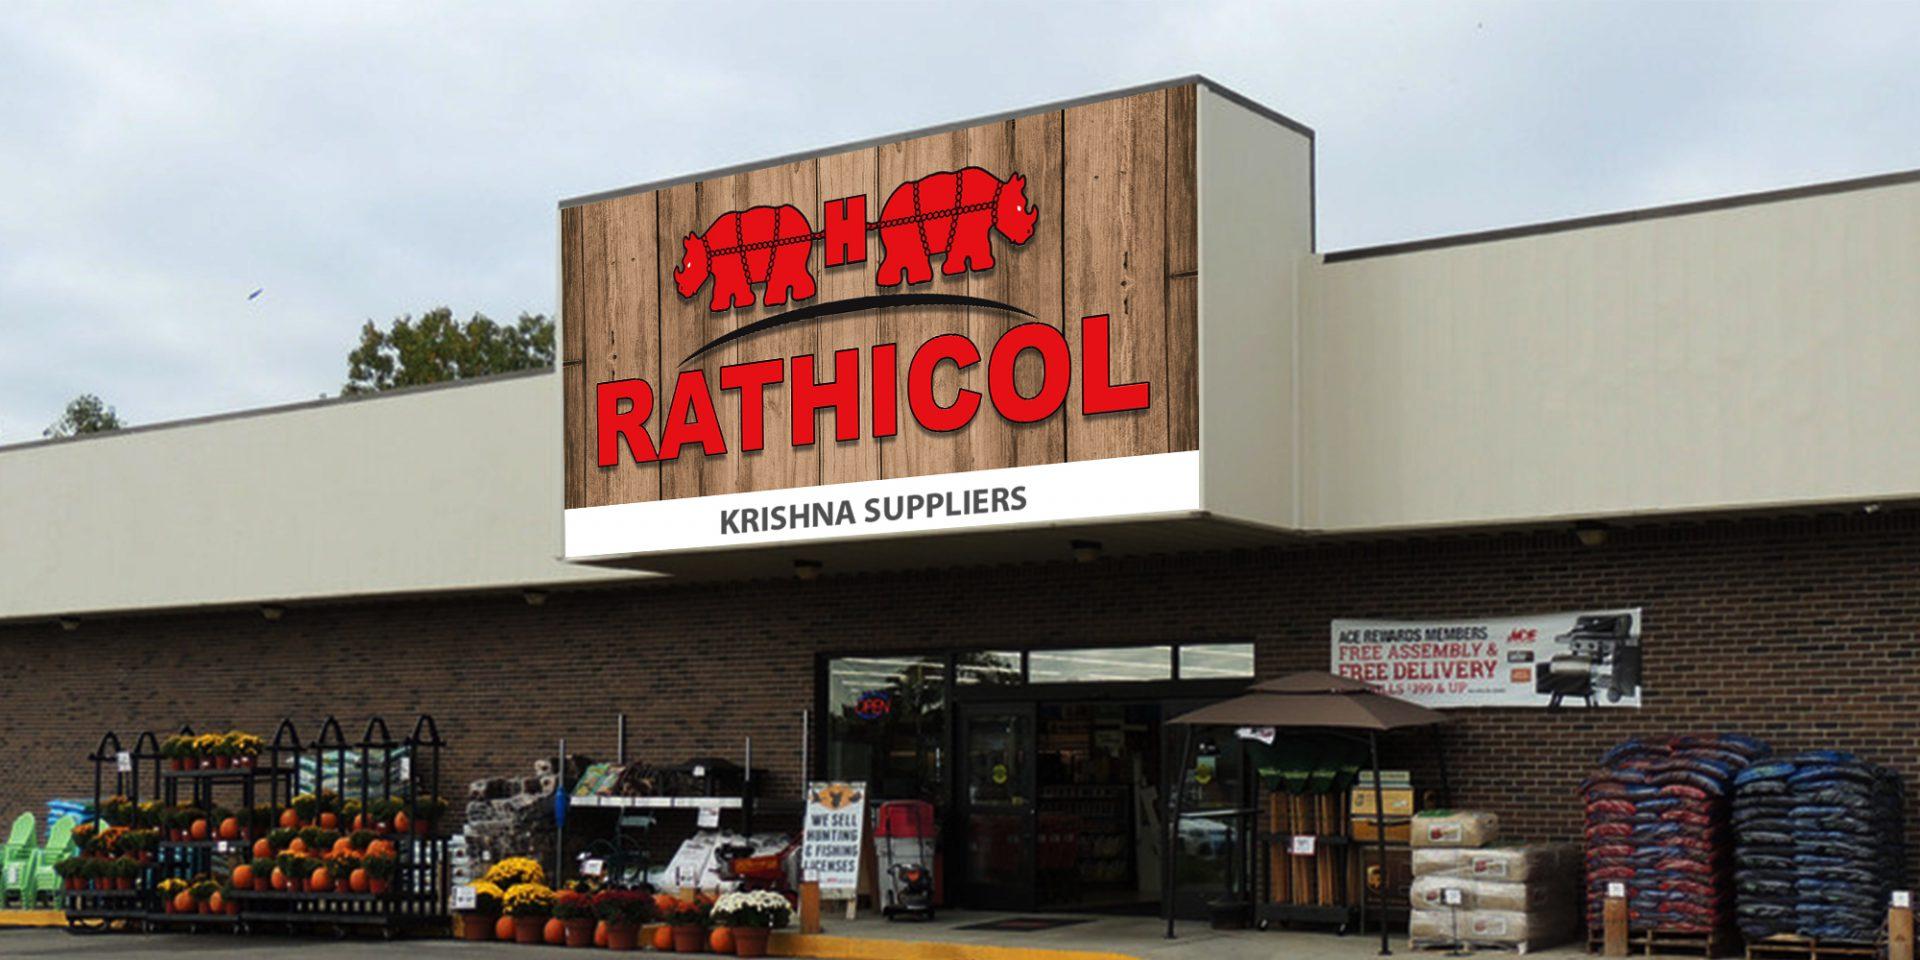 adhesive shop facade